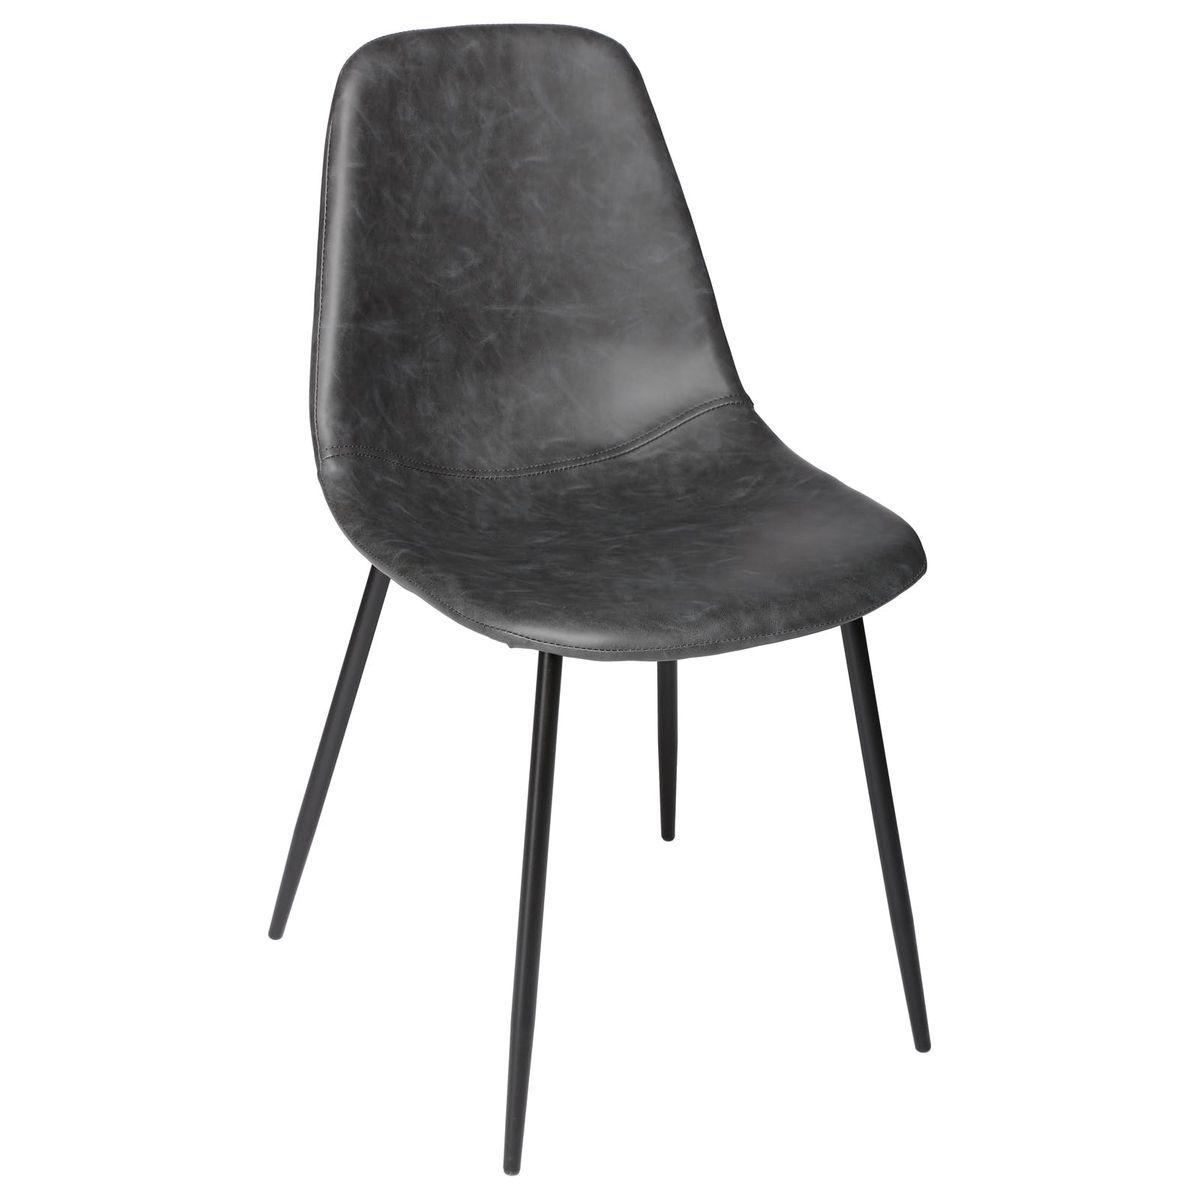 Lot De 2 Chaises Pu Gris Effet Vieilli Pieds Metal Noir 53x43x82cm Taille Taille Unique Chaise Vintage Chaise Et Chaise Osier